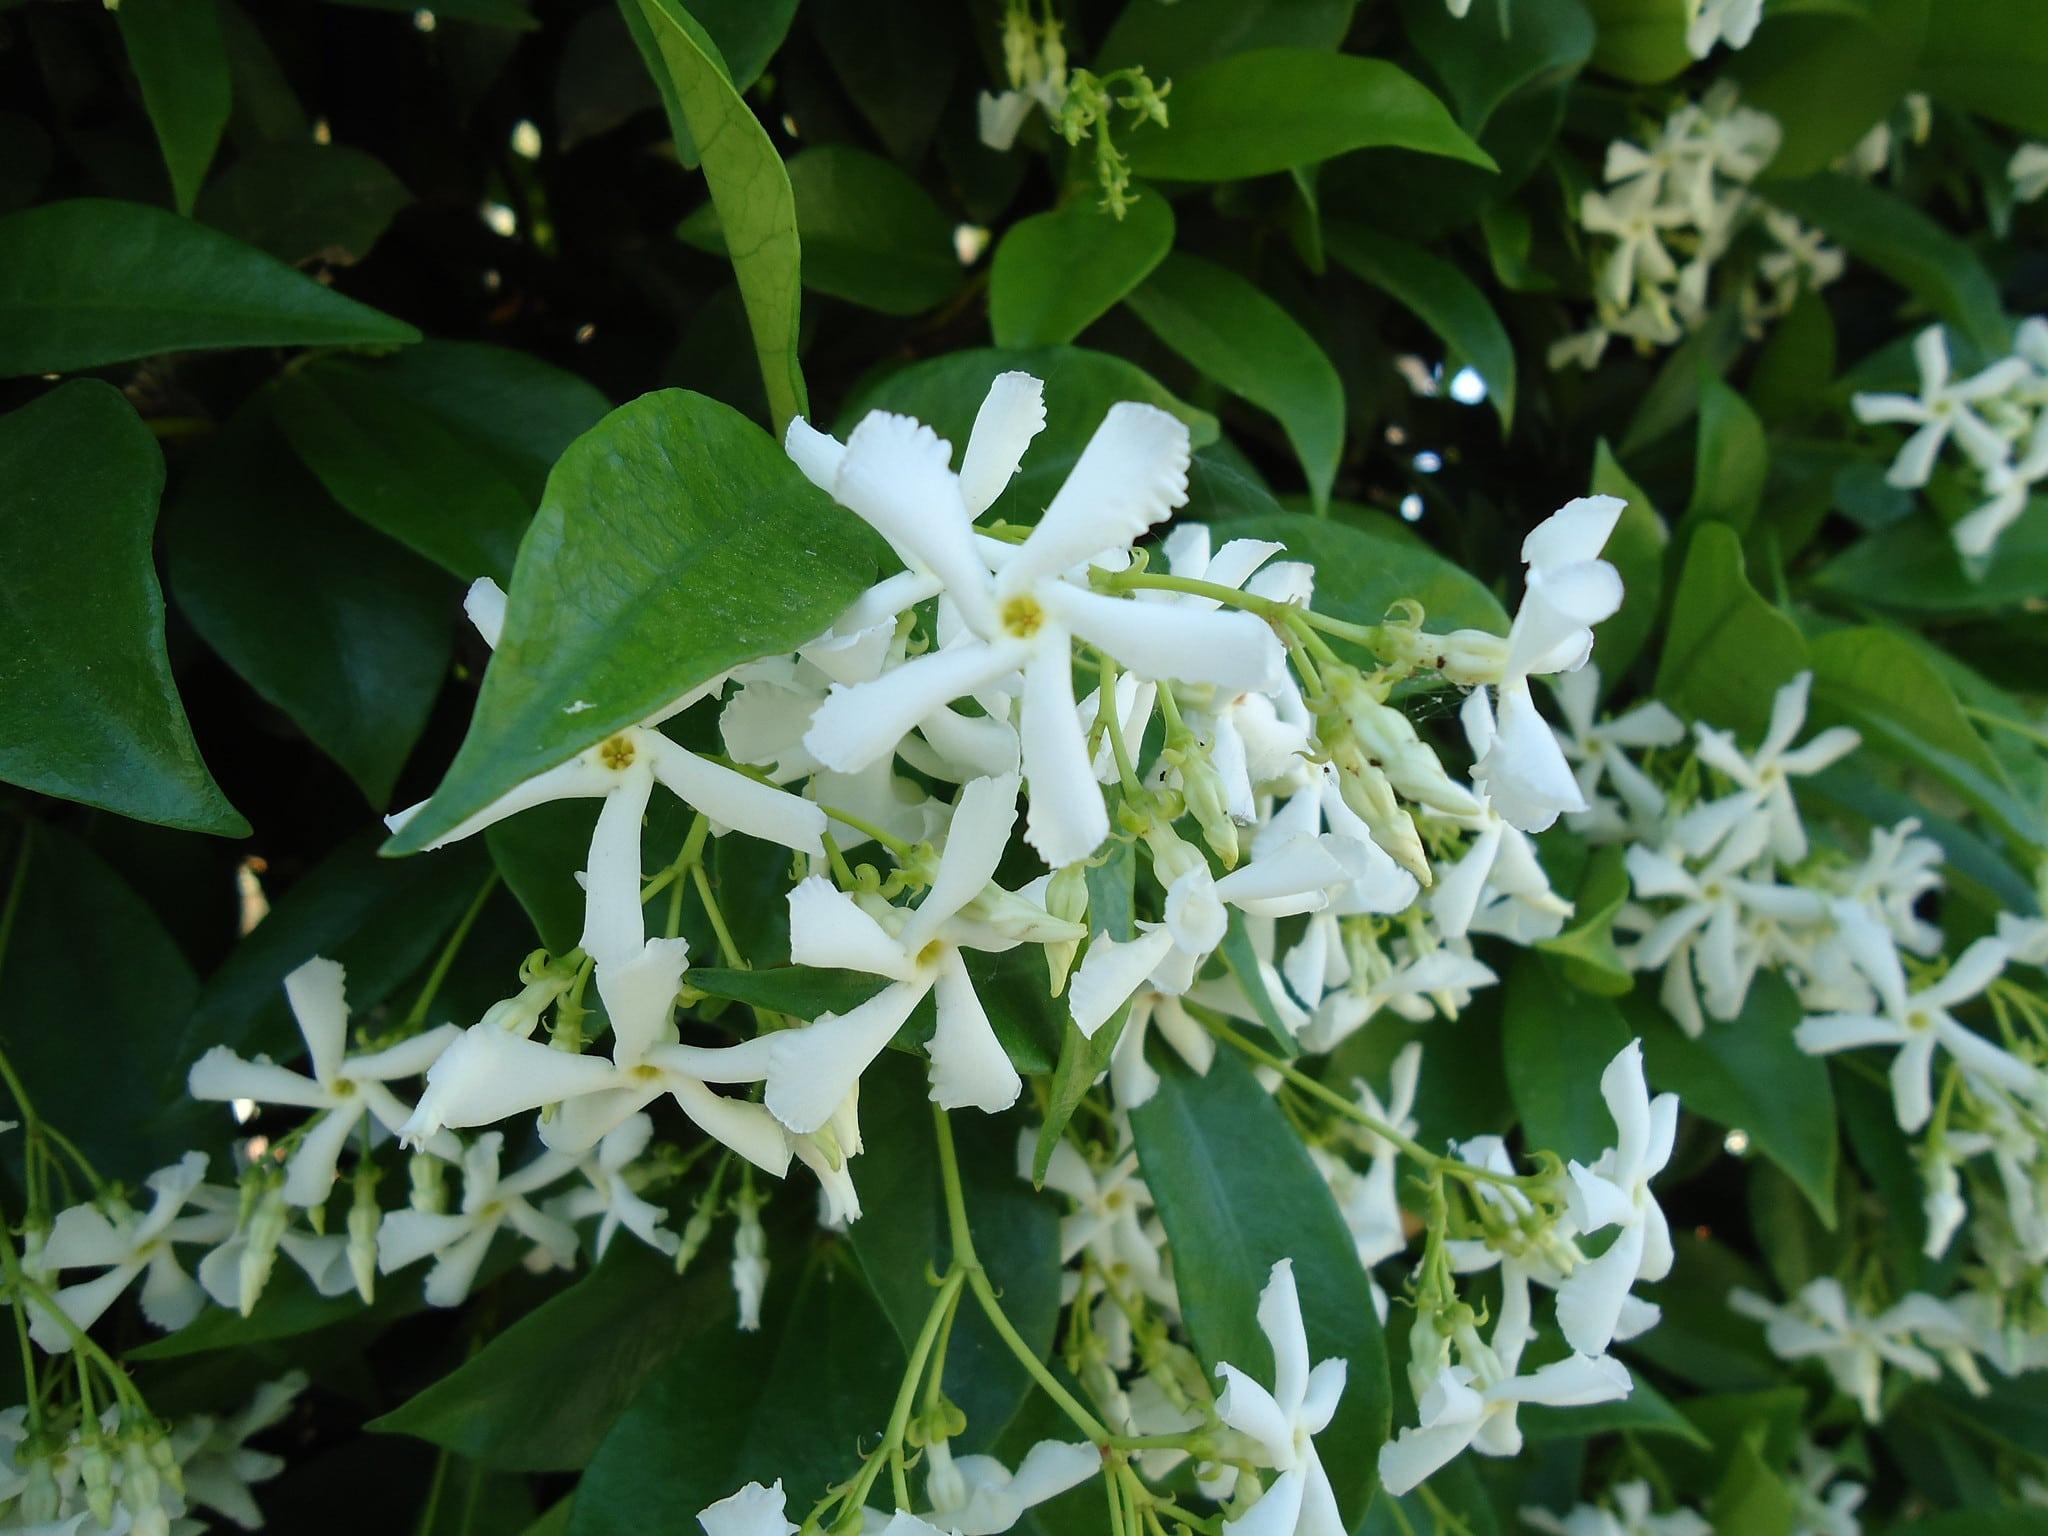 El Trachelospermum jasminioides es una trepadora que produce flores blancas